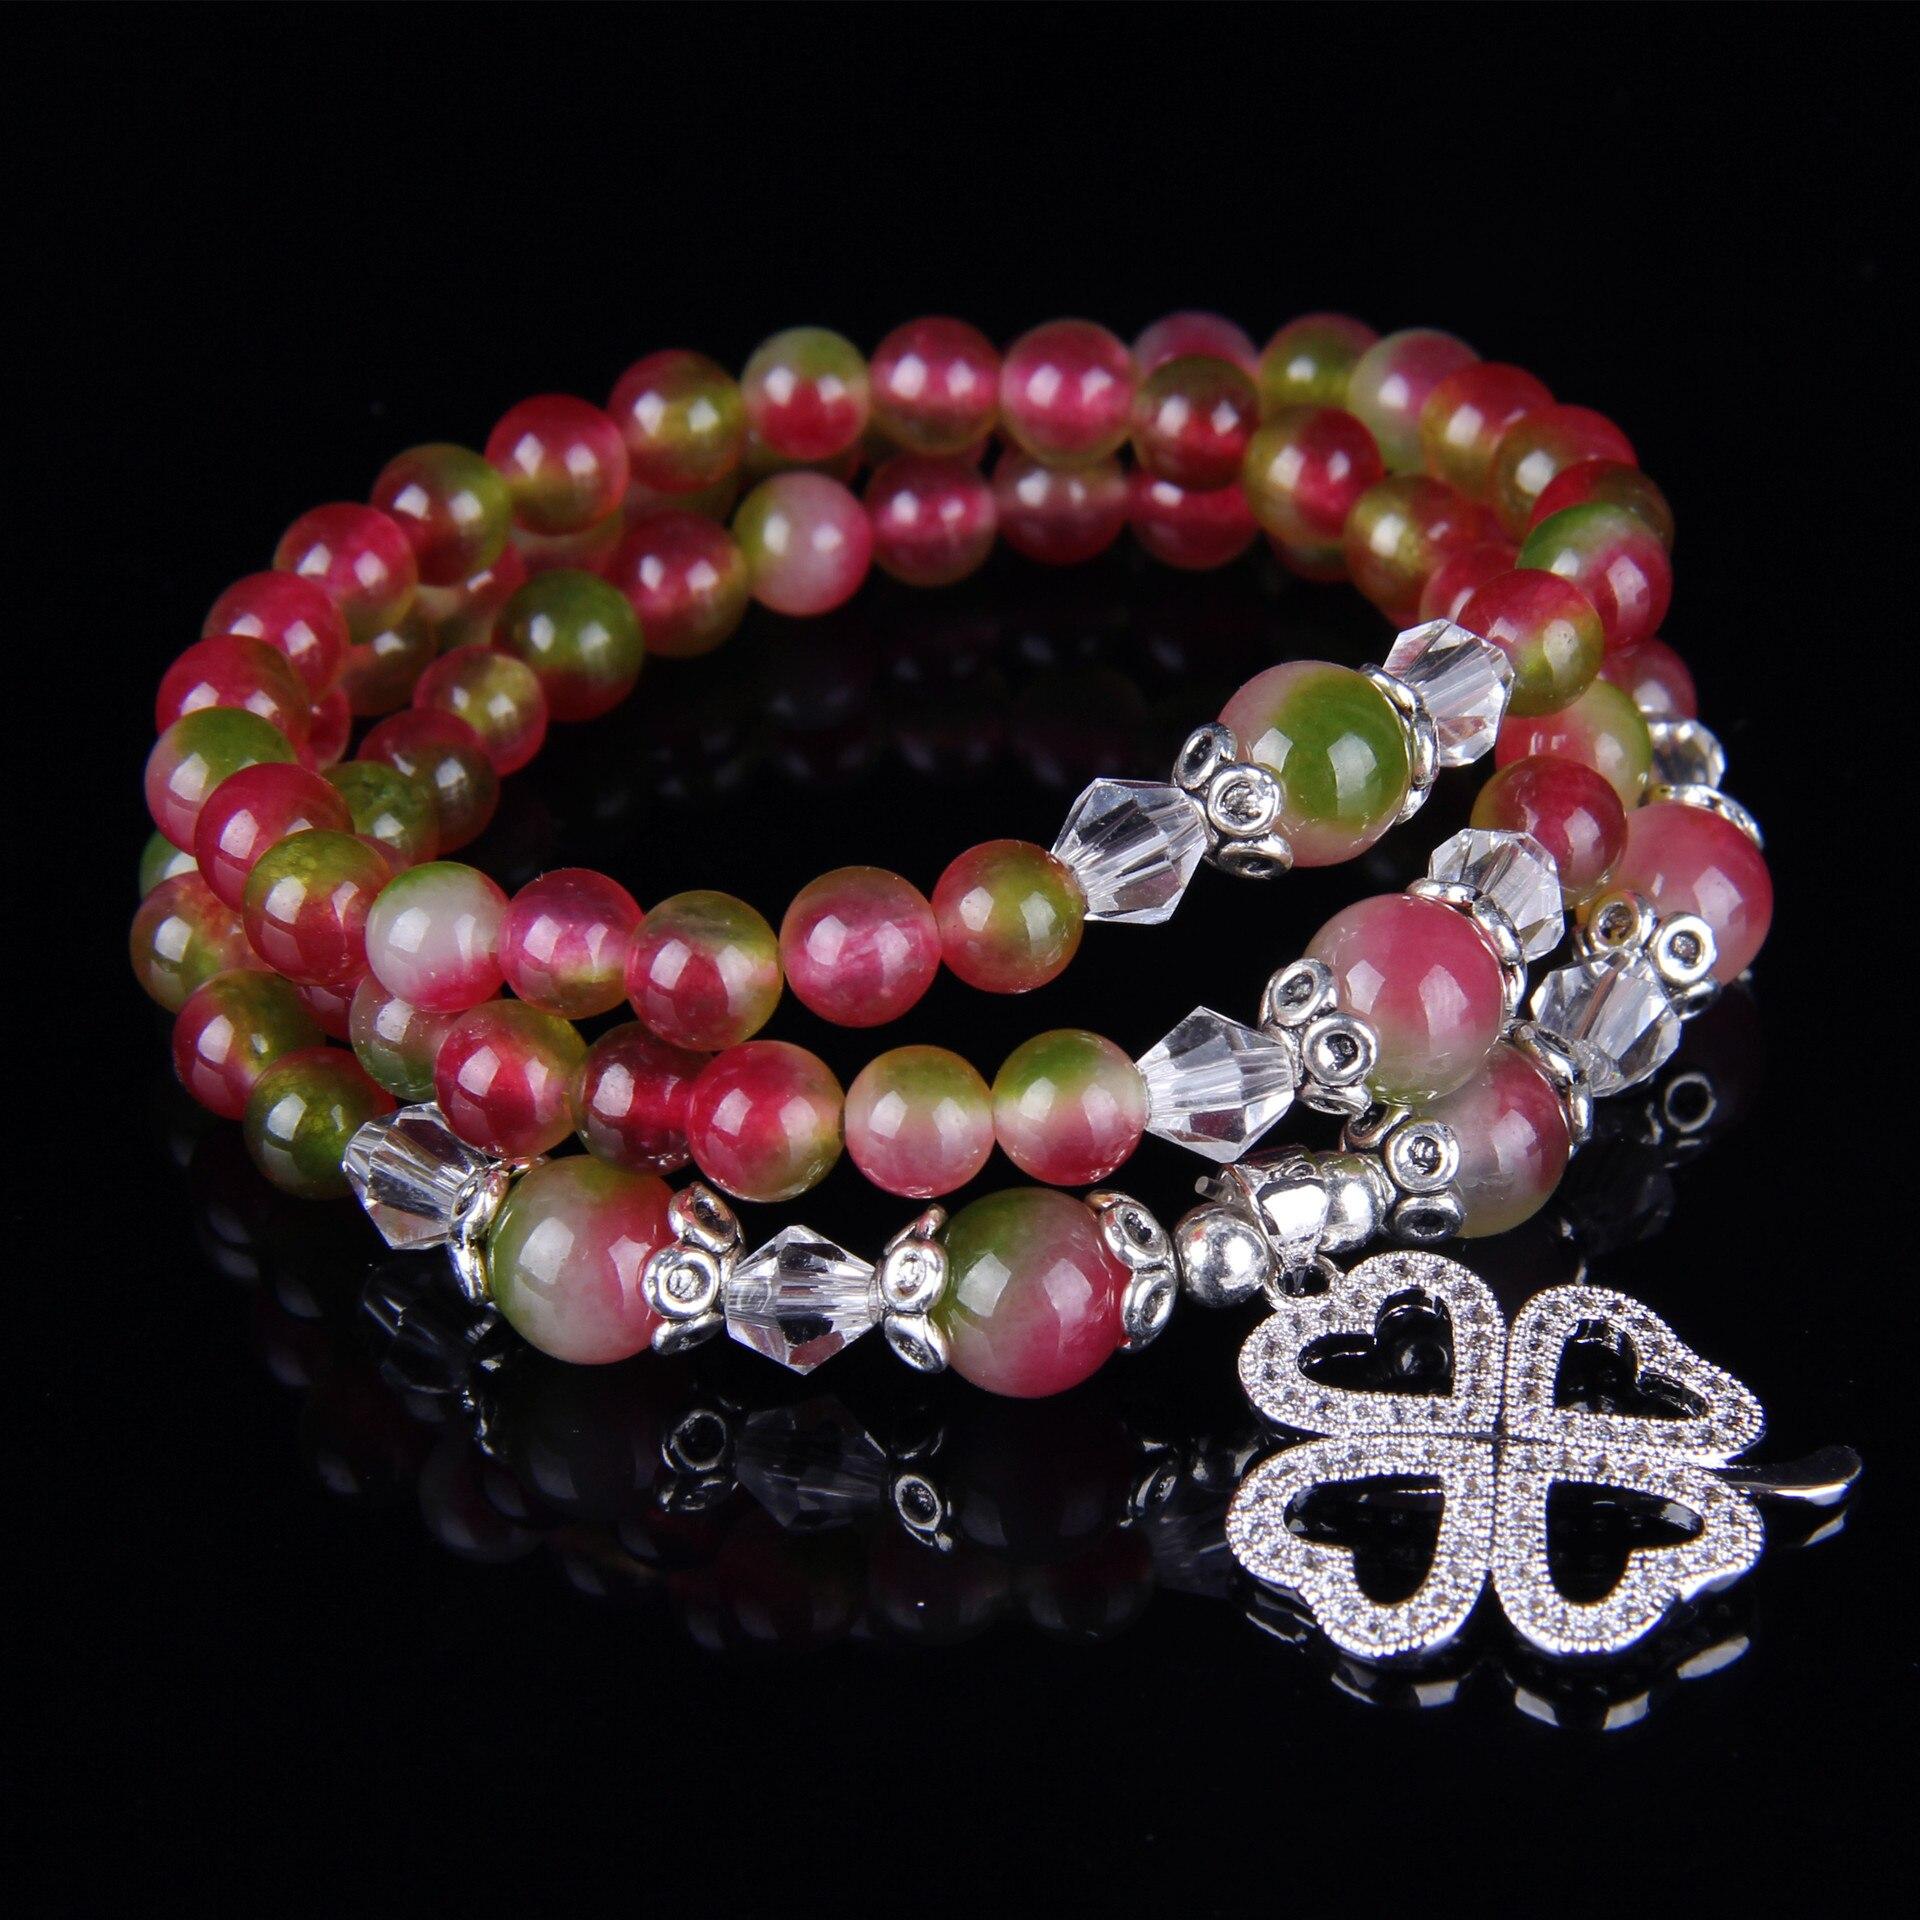 Pulsera de cristal de sandía joyería de moda trébol de cuatro hojas colgante collar joyería al por mayor nuevo Natural